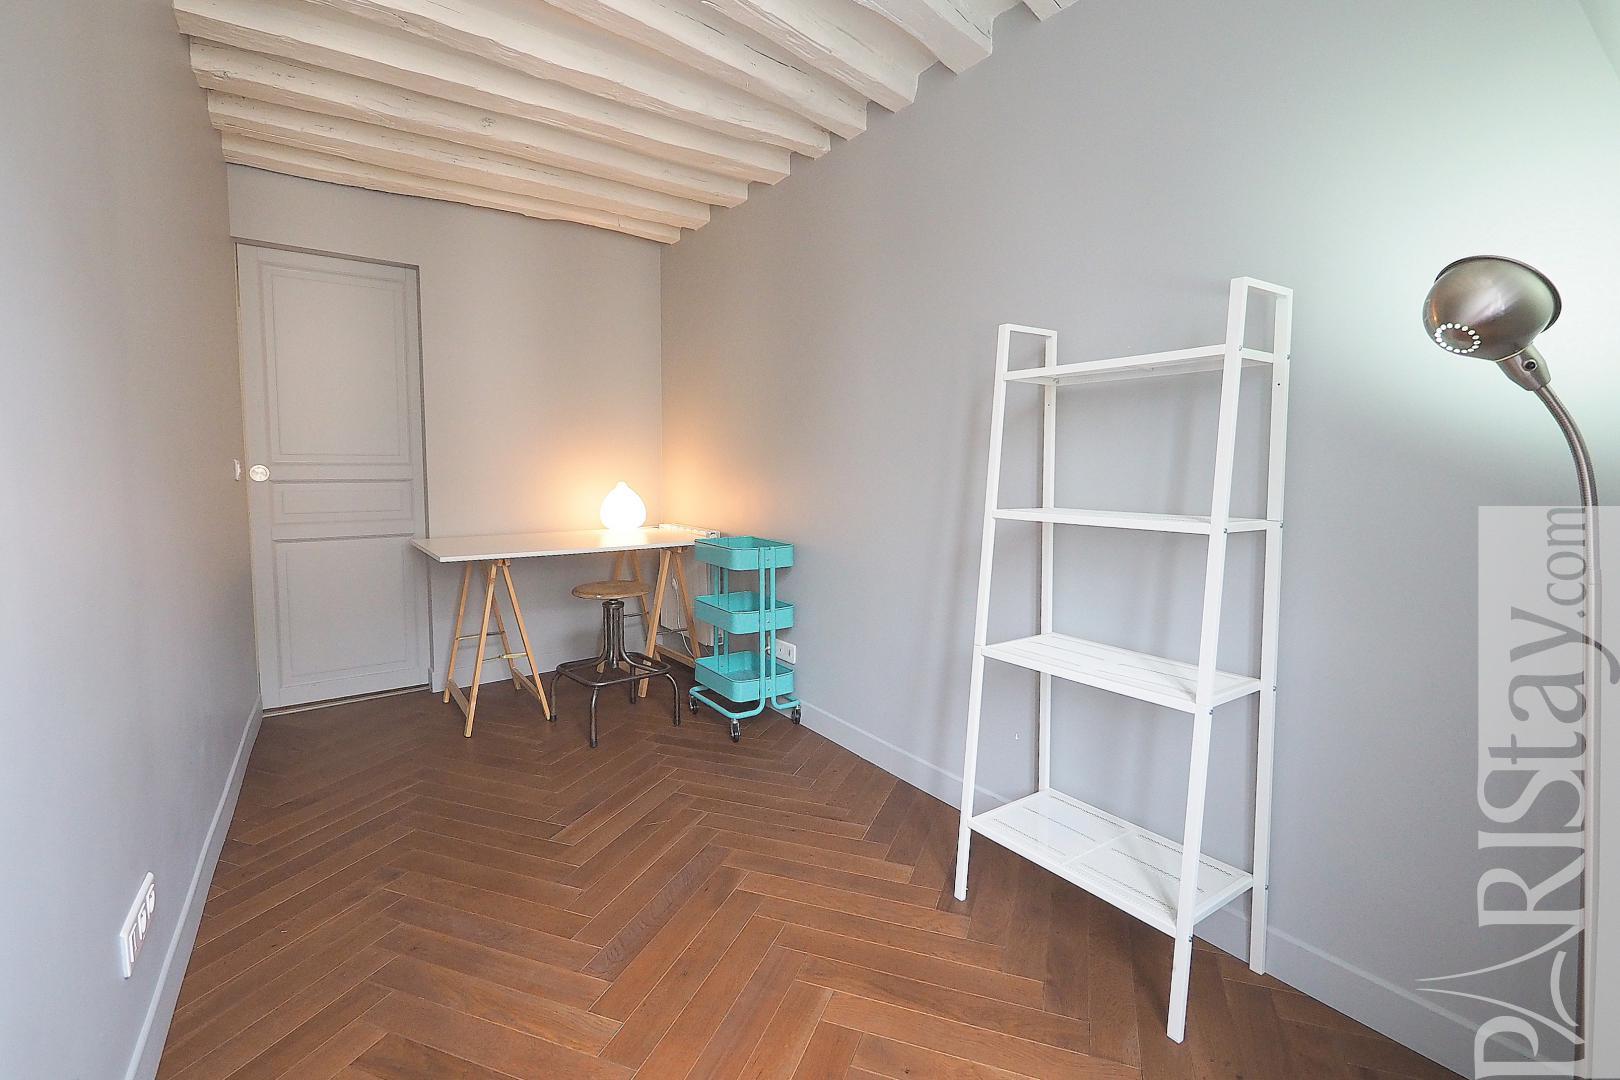 location appartement paris t2 meubl la bourse. Black Bedroom Furniture Sets. Home Design Ideas